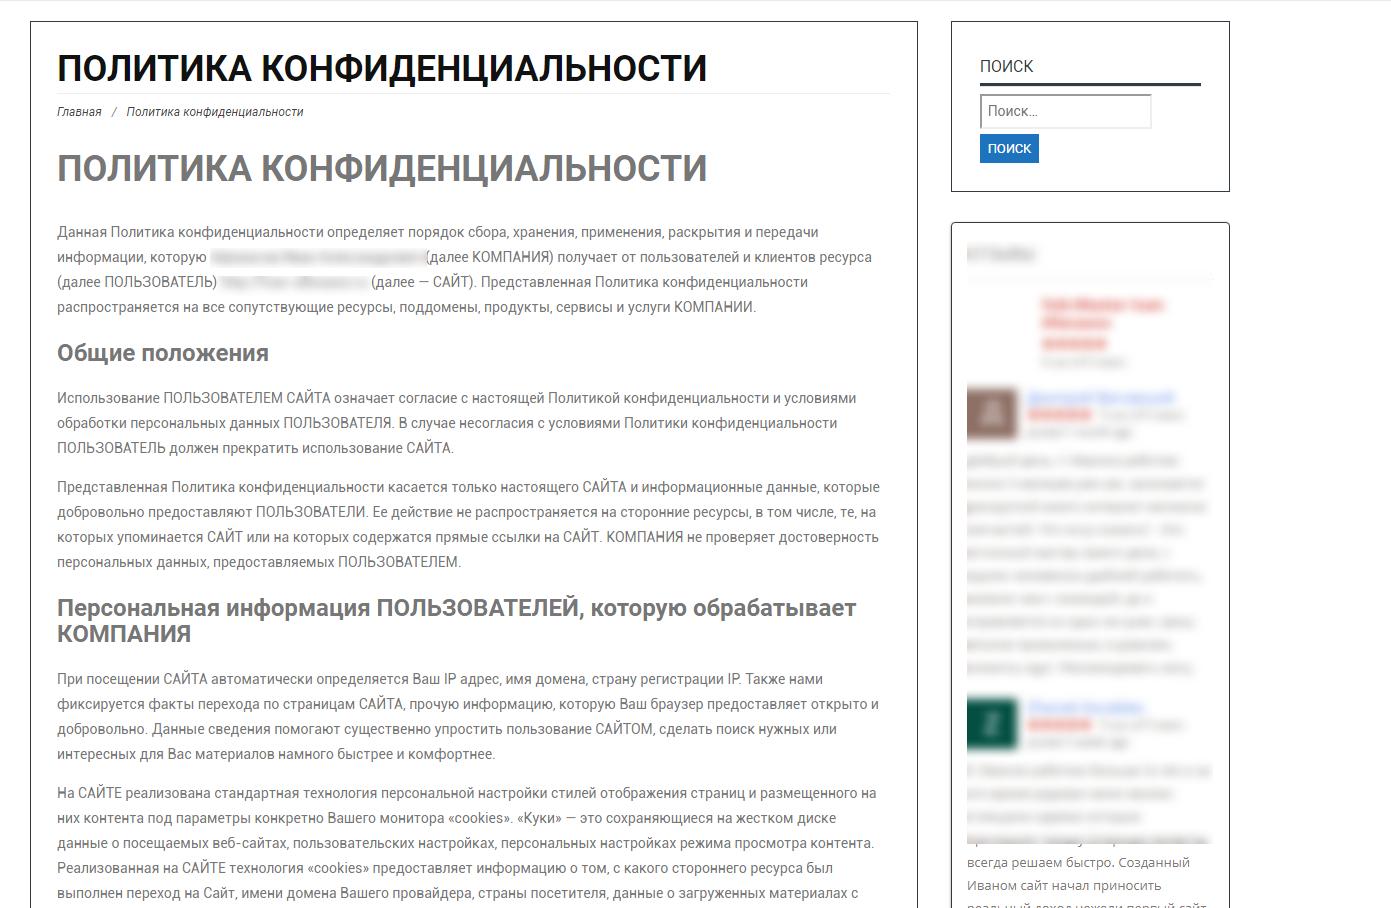 Как сделать политику конфиденциальности на сайт 87